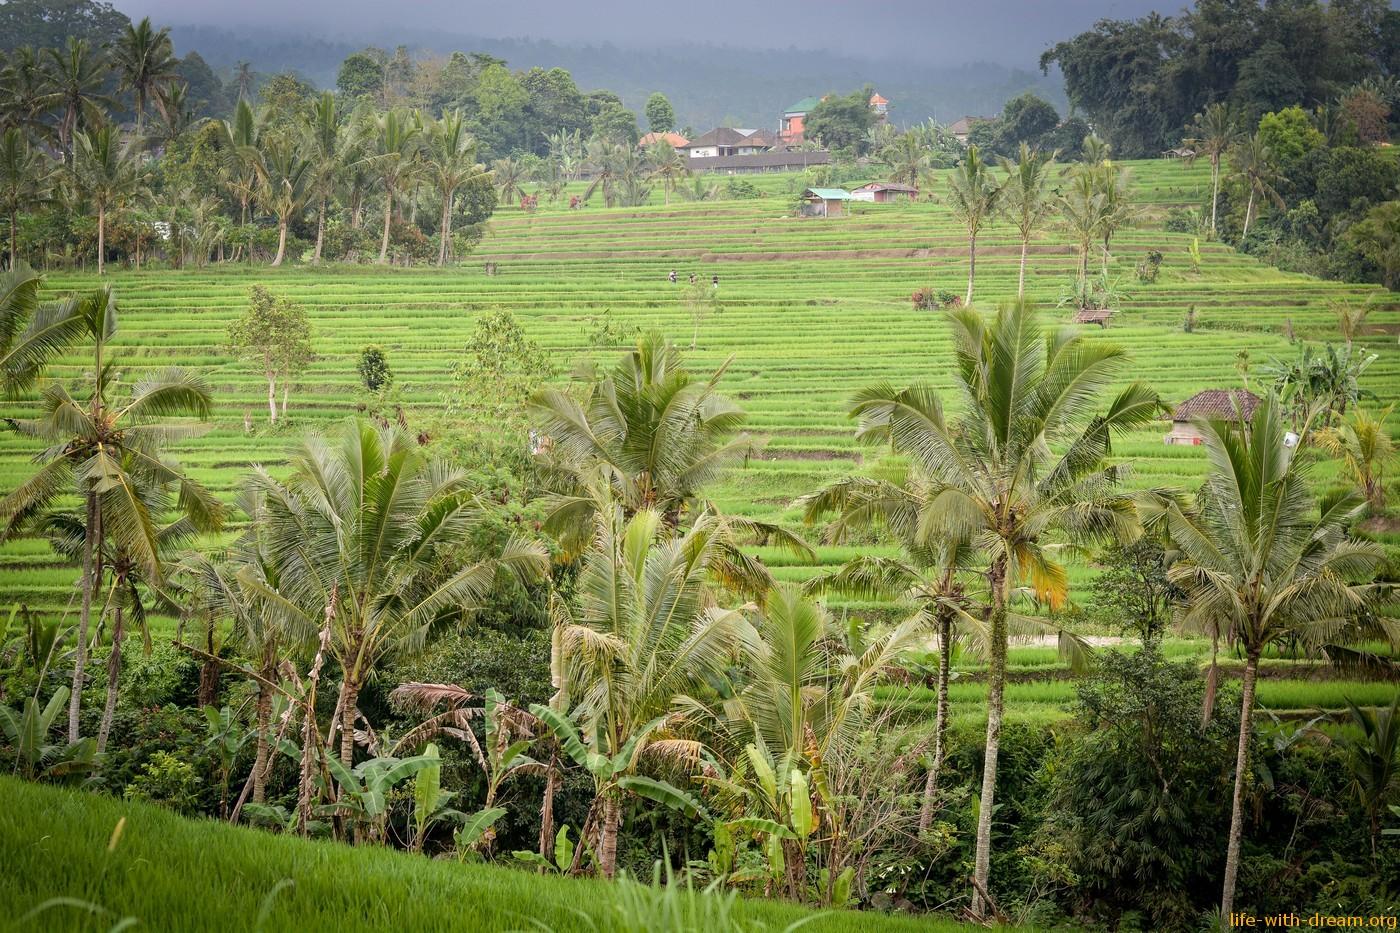 Достопримечательности Бали. Топ-10 наших любимых мест на острове.